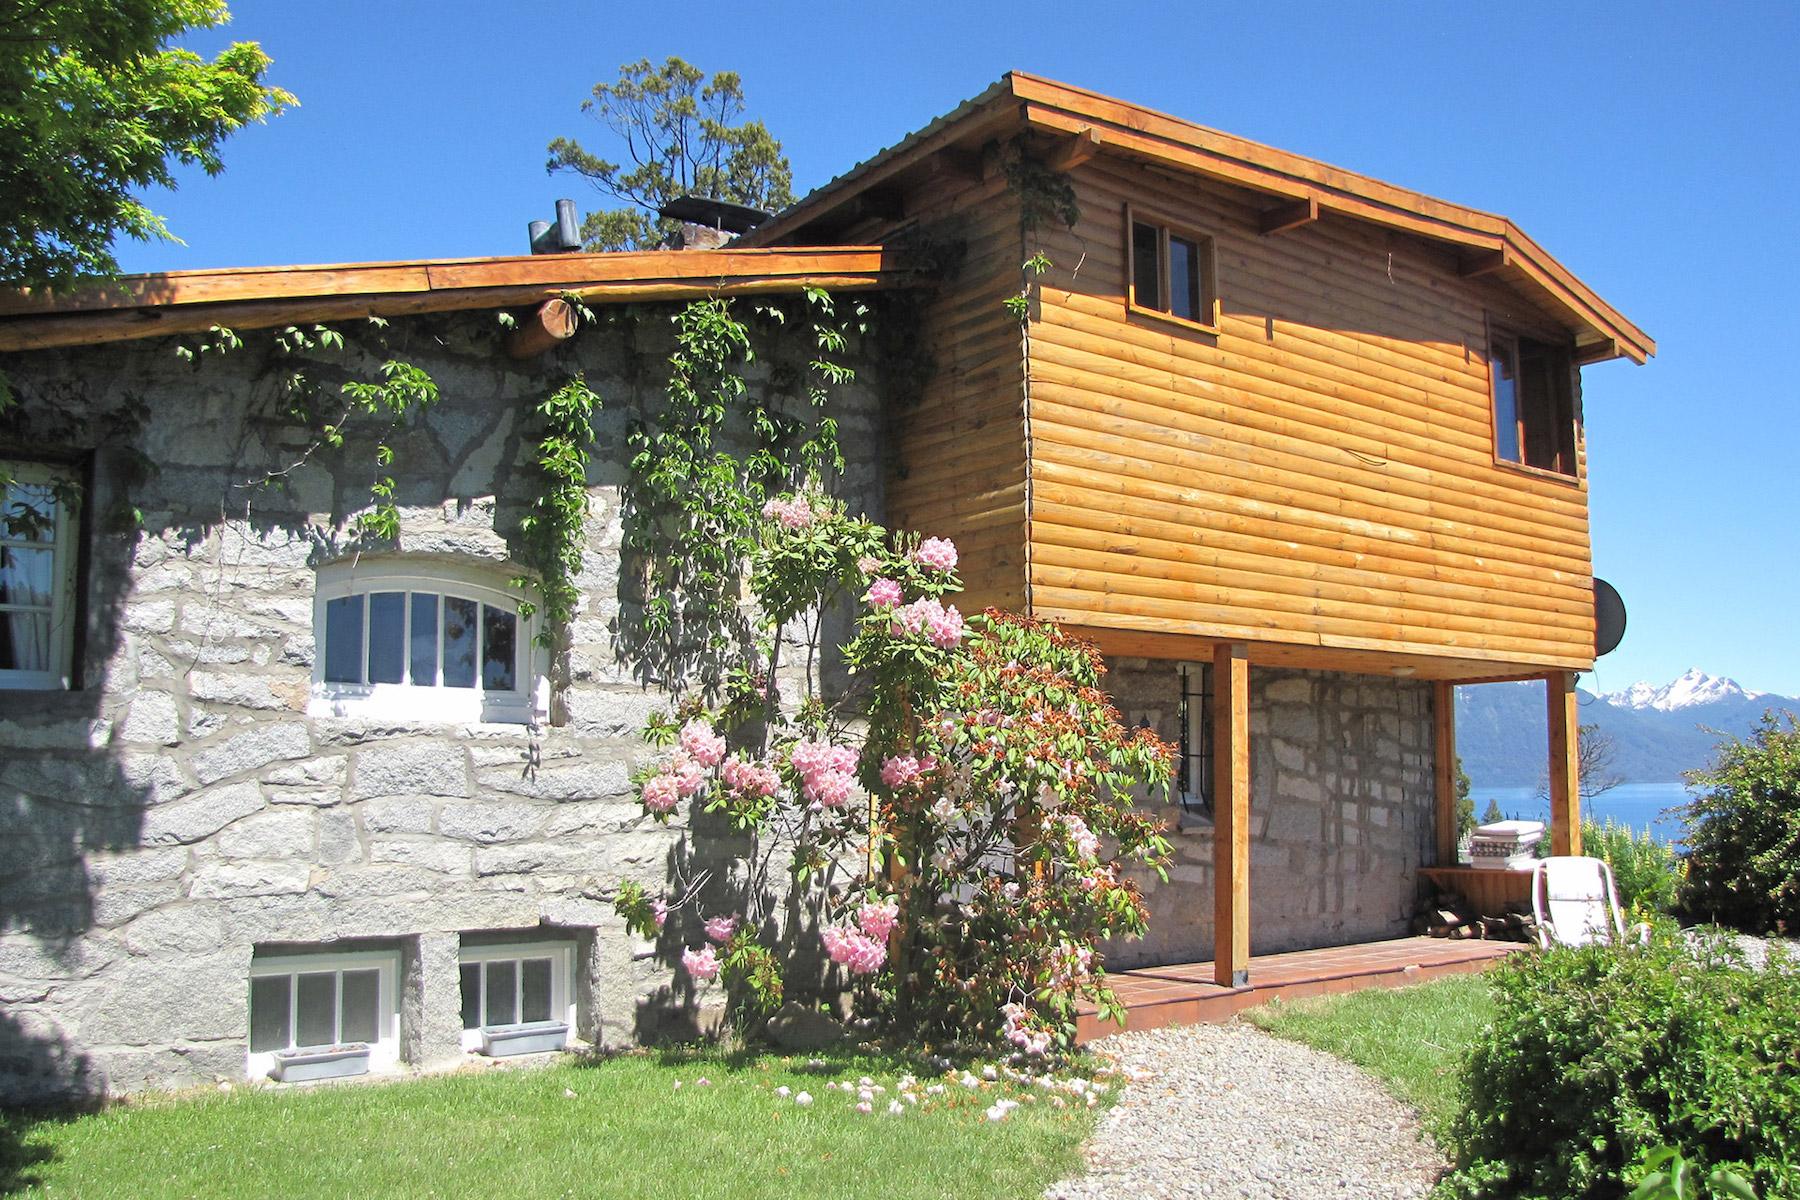 Single Family Home for Sale at Puerto Tabla Bariloche, Rio Negro, Argentina